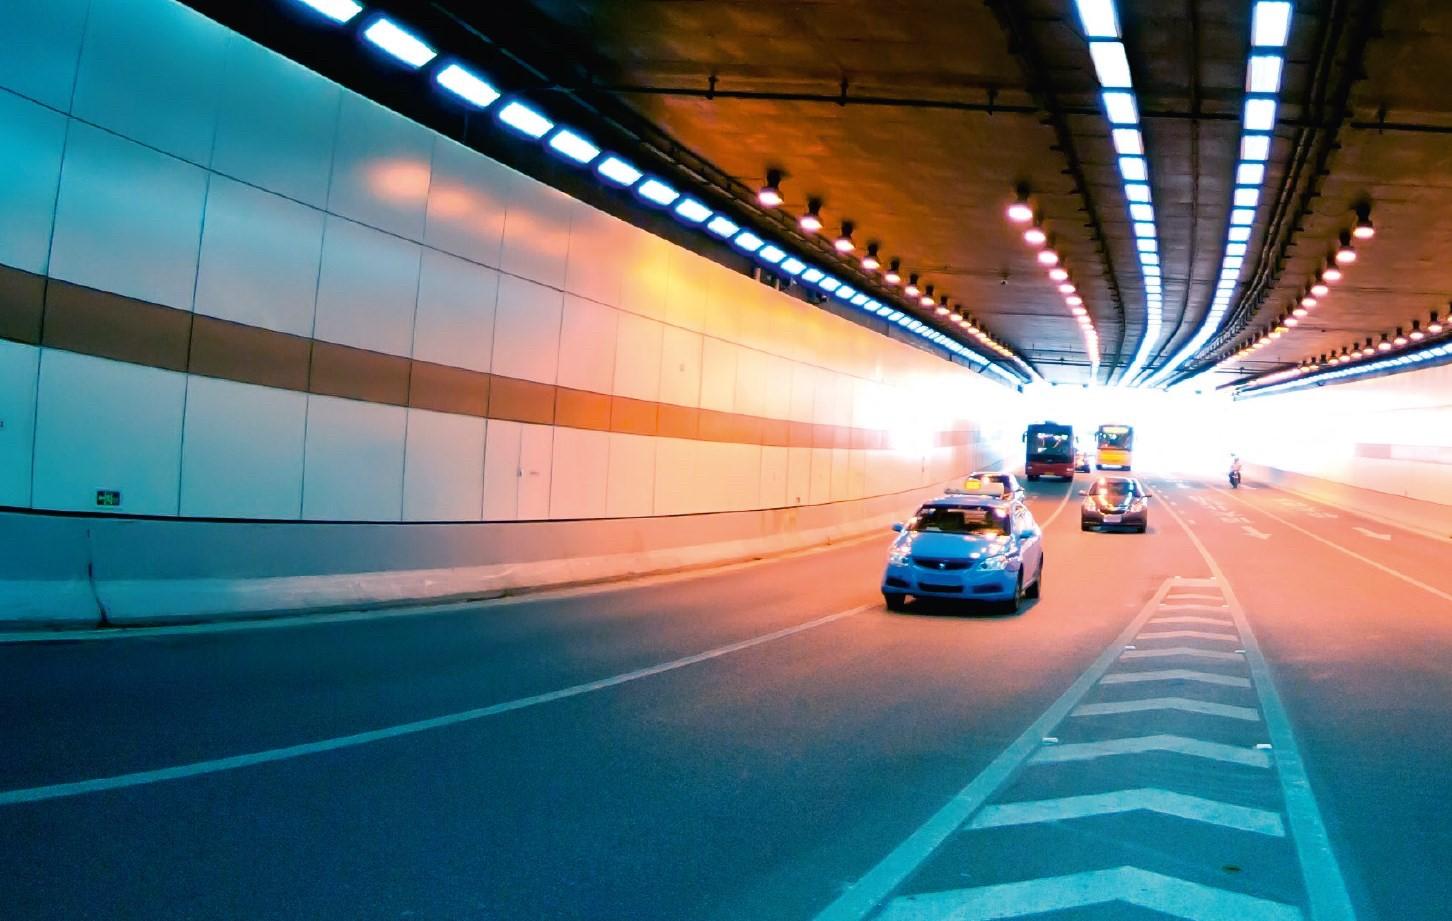 Intelligente camera-oplossingen om de veiligheid van reizigers te verhogen en de transportinfrastructuur efficiënter te maken